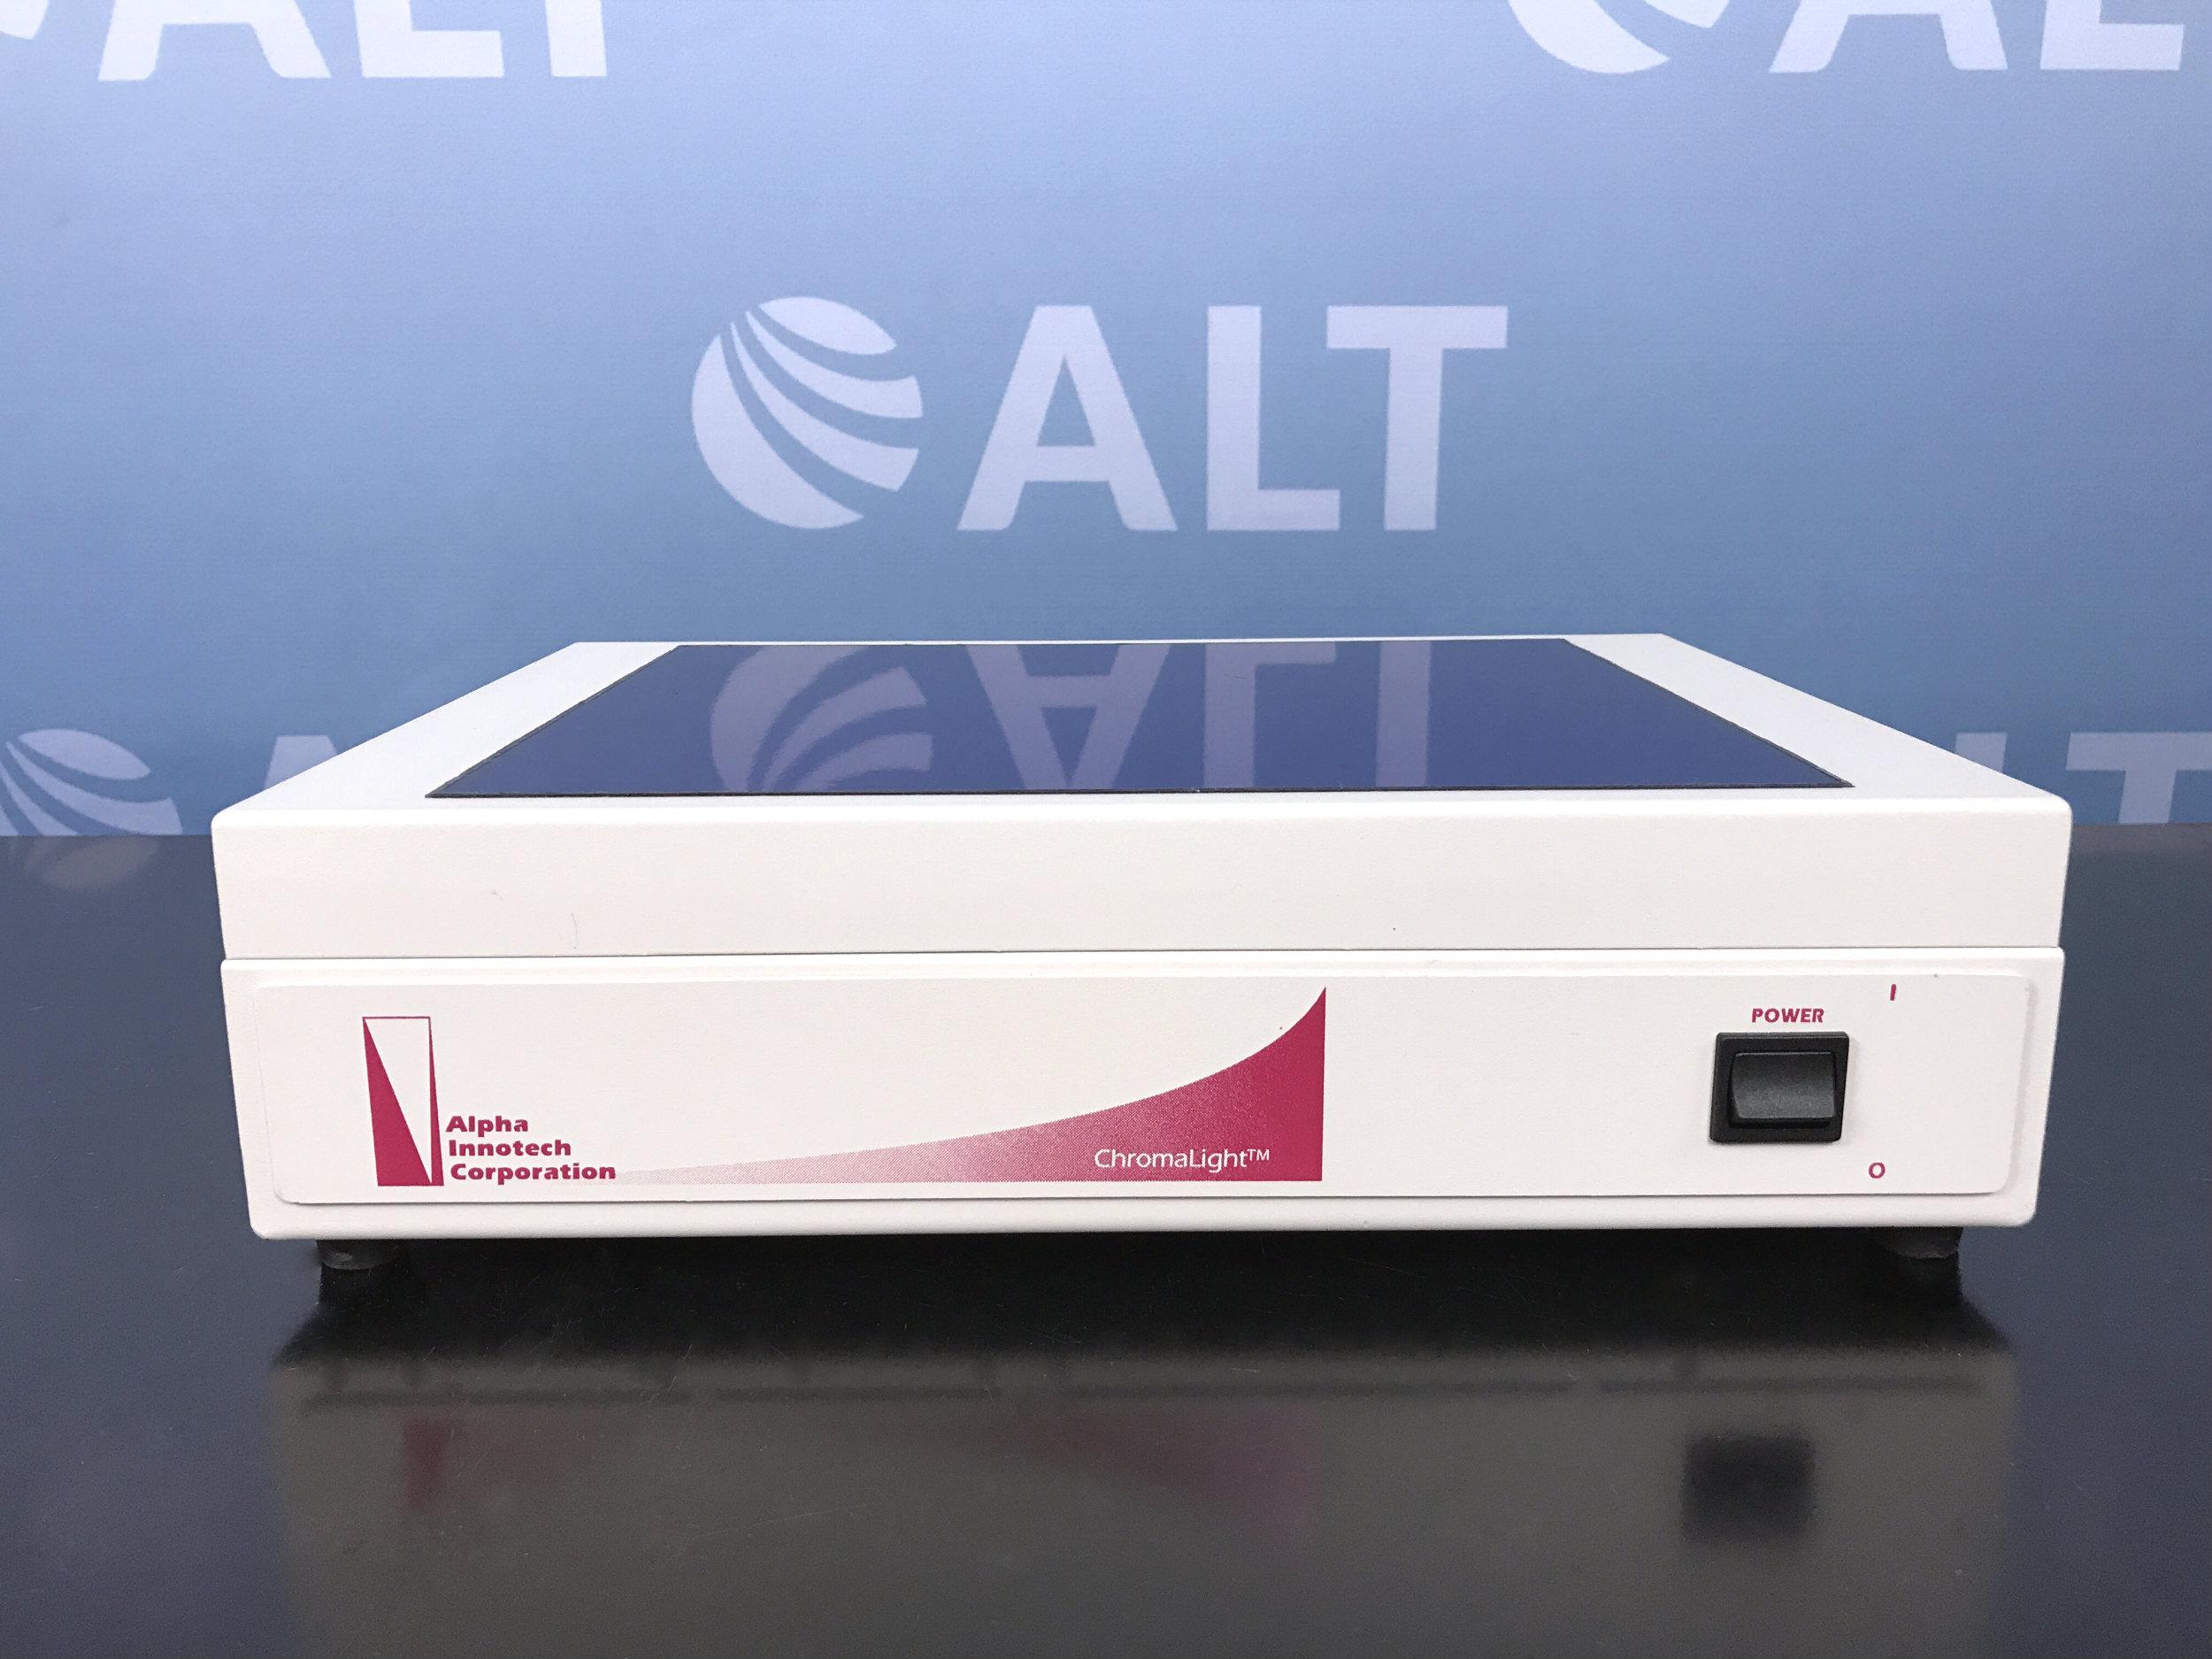 Alpha Innotech MBL-26 UV Transilluminator Chromalight Image